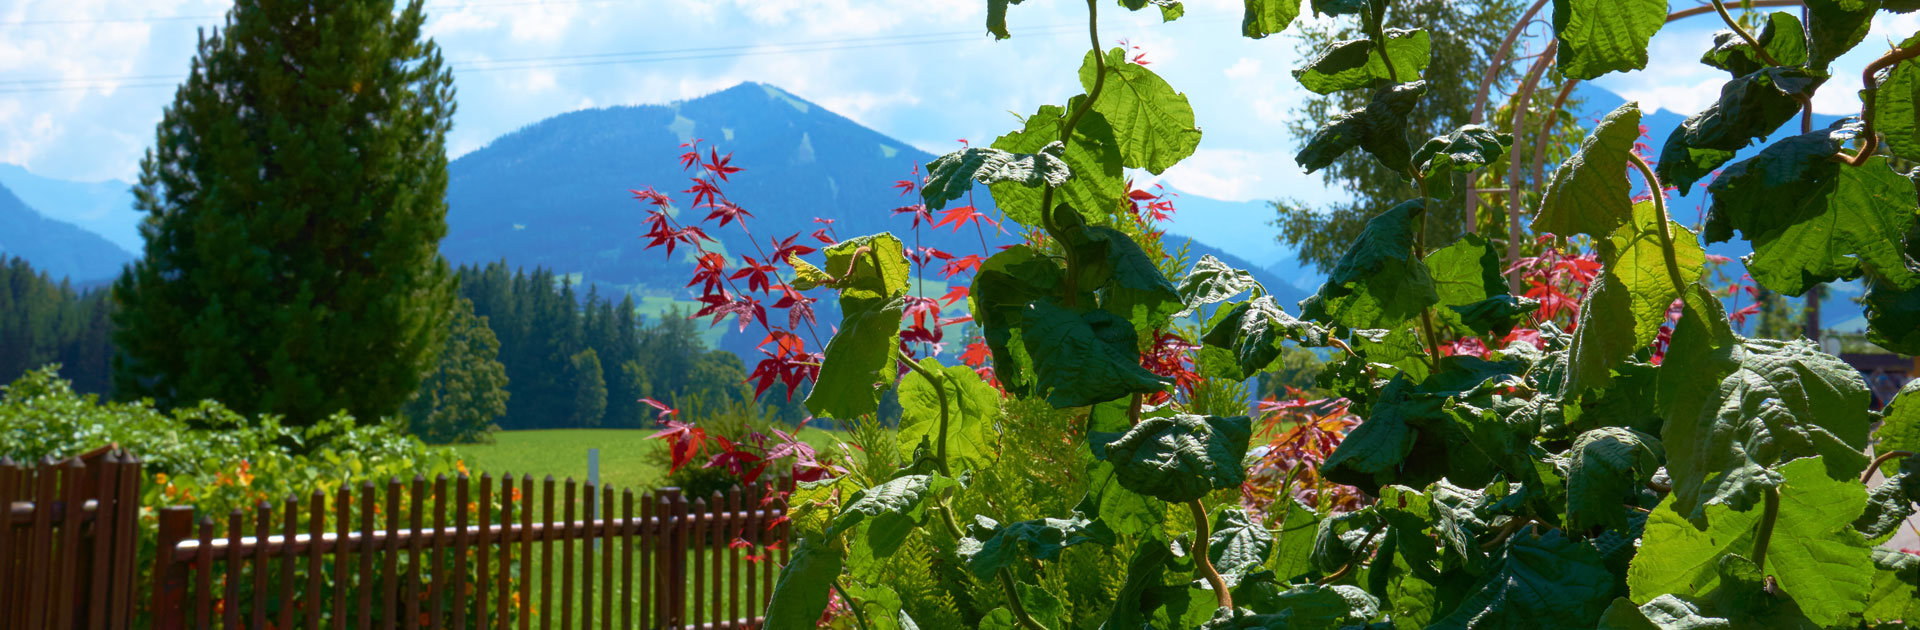 Waldesruh-Gartenparadies